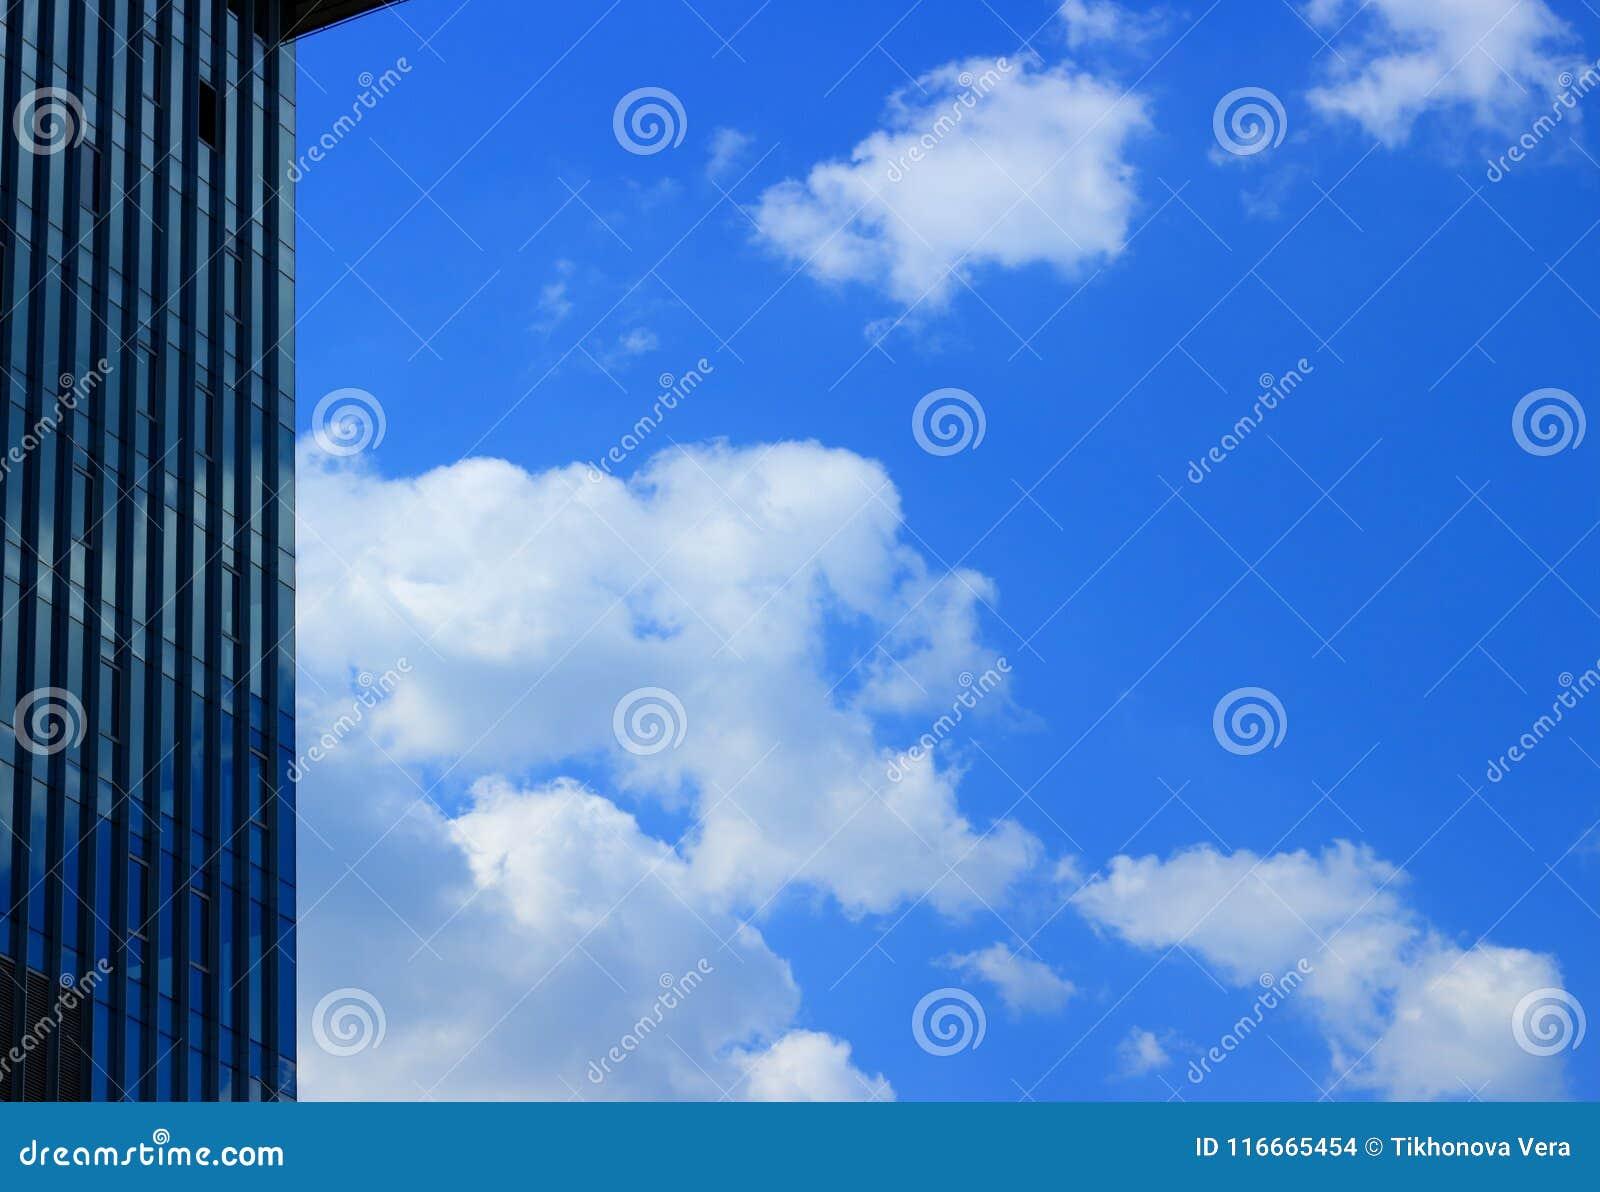 Paysage urbain moderne avec des nuages